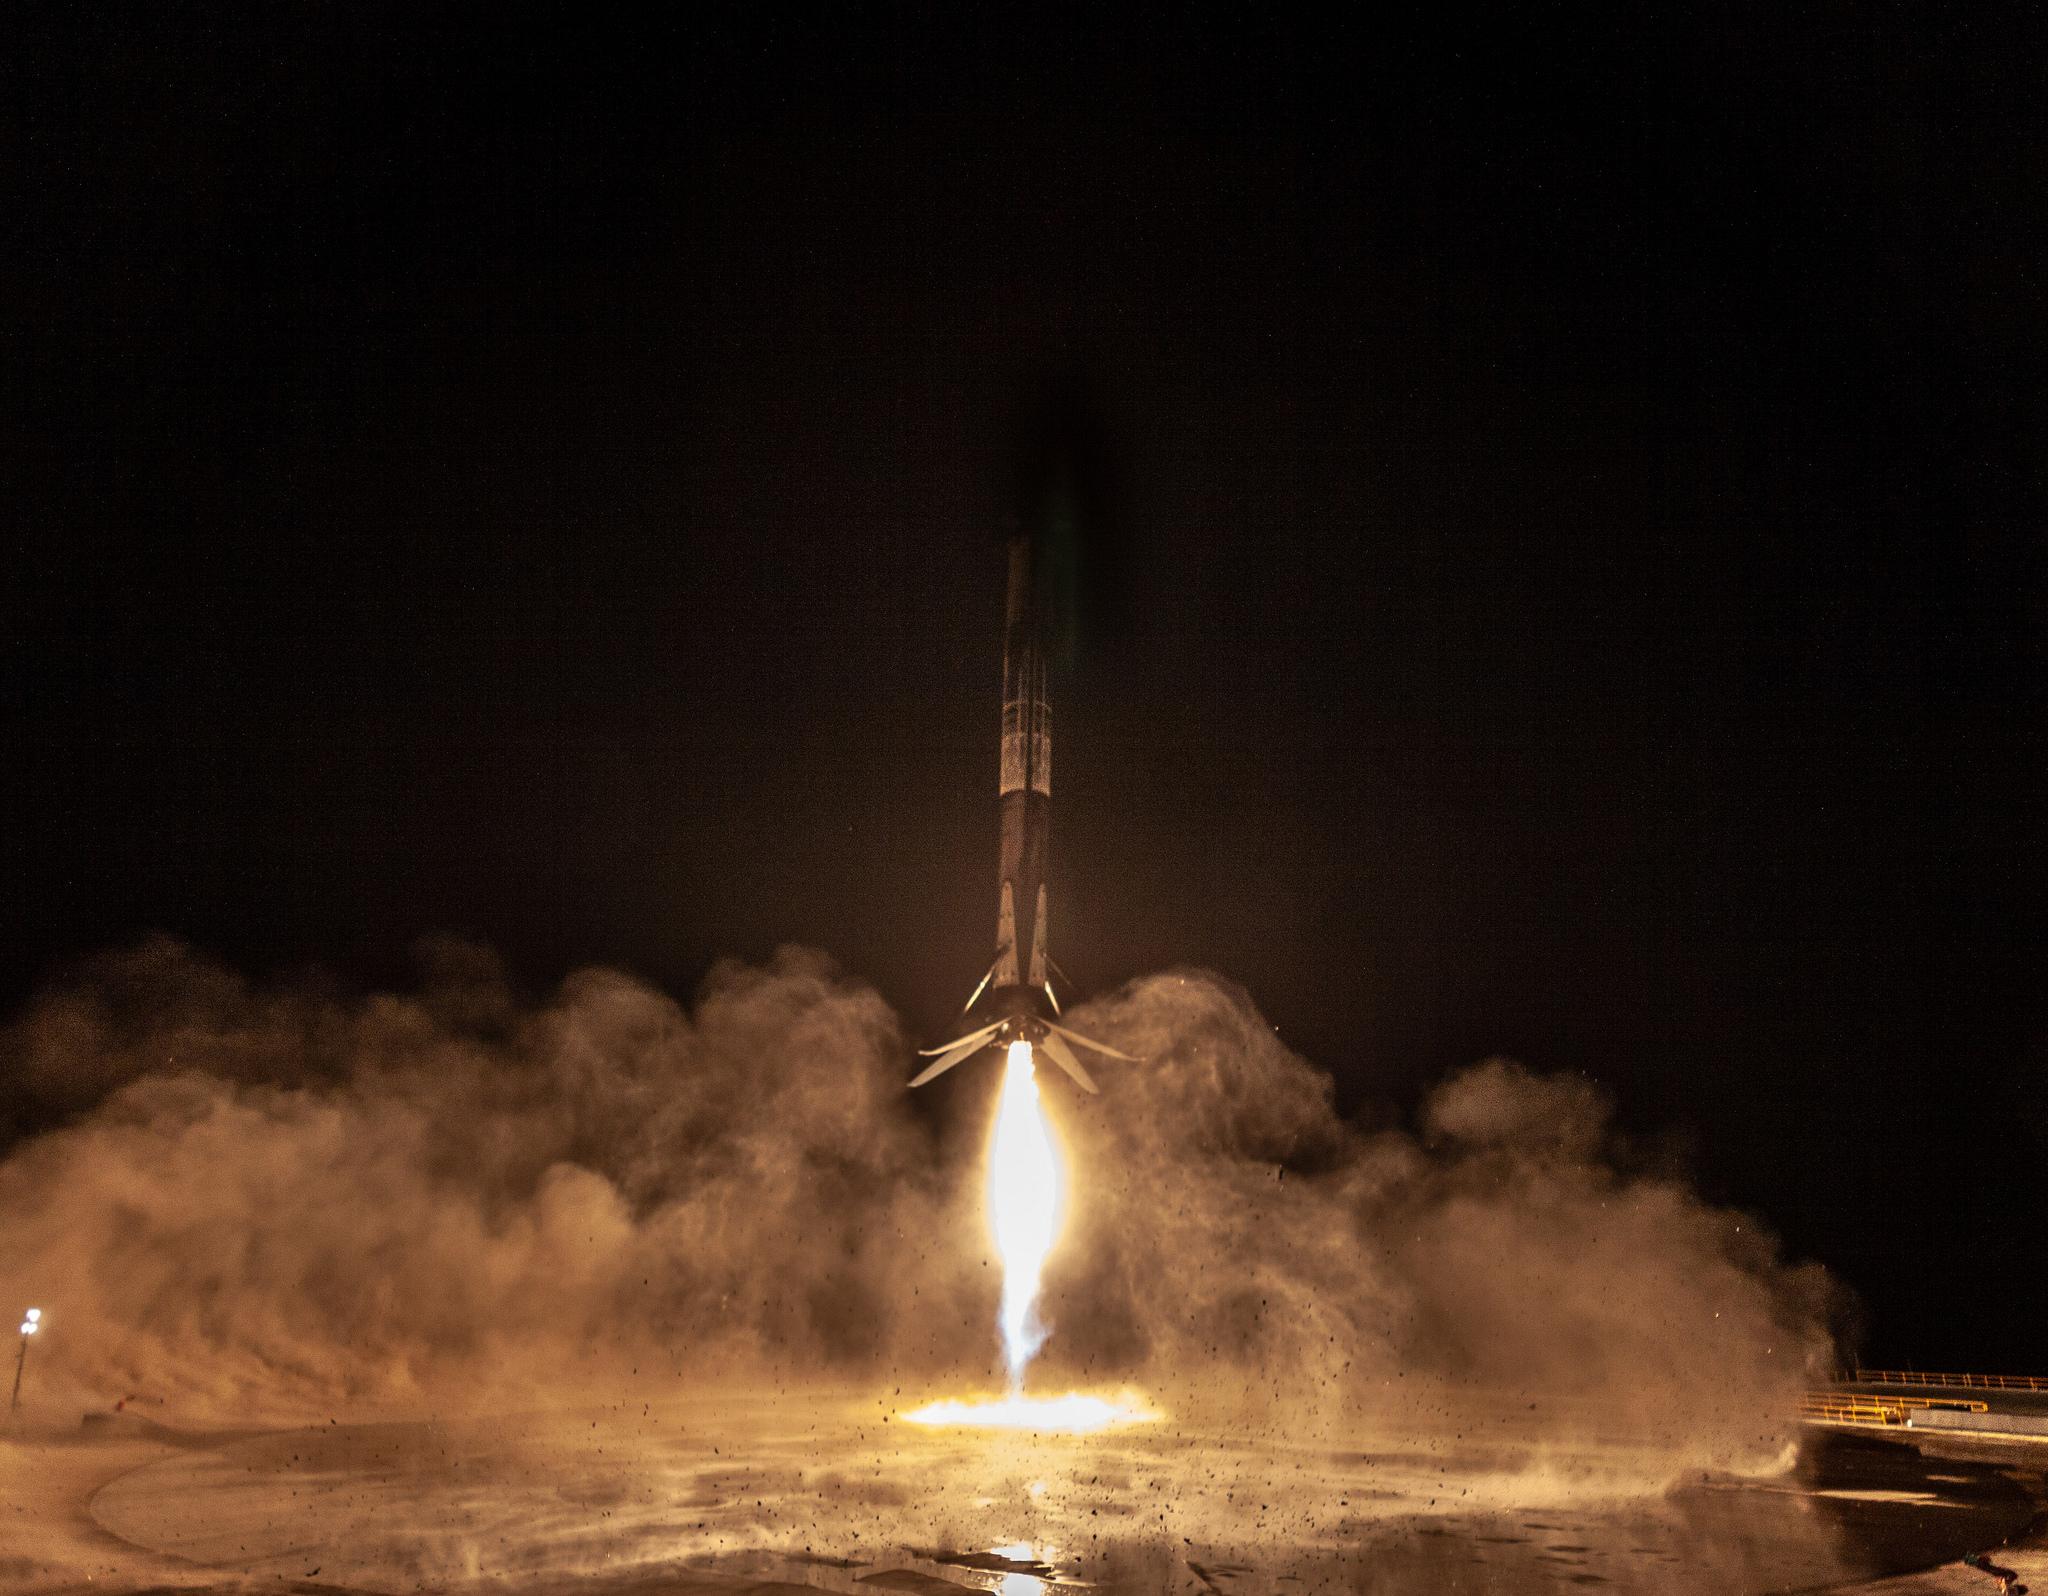 Les photos du lancement de SpaceX